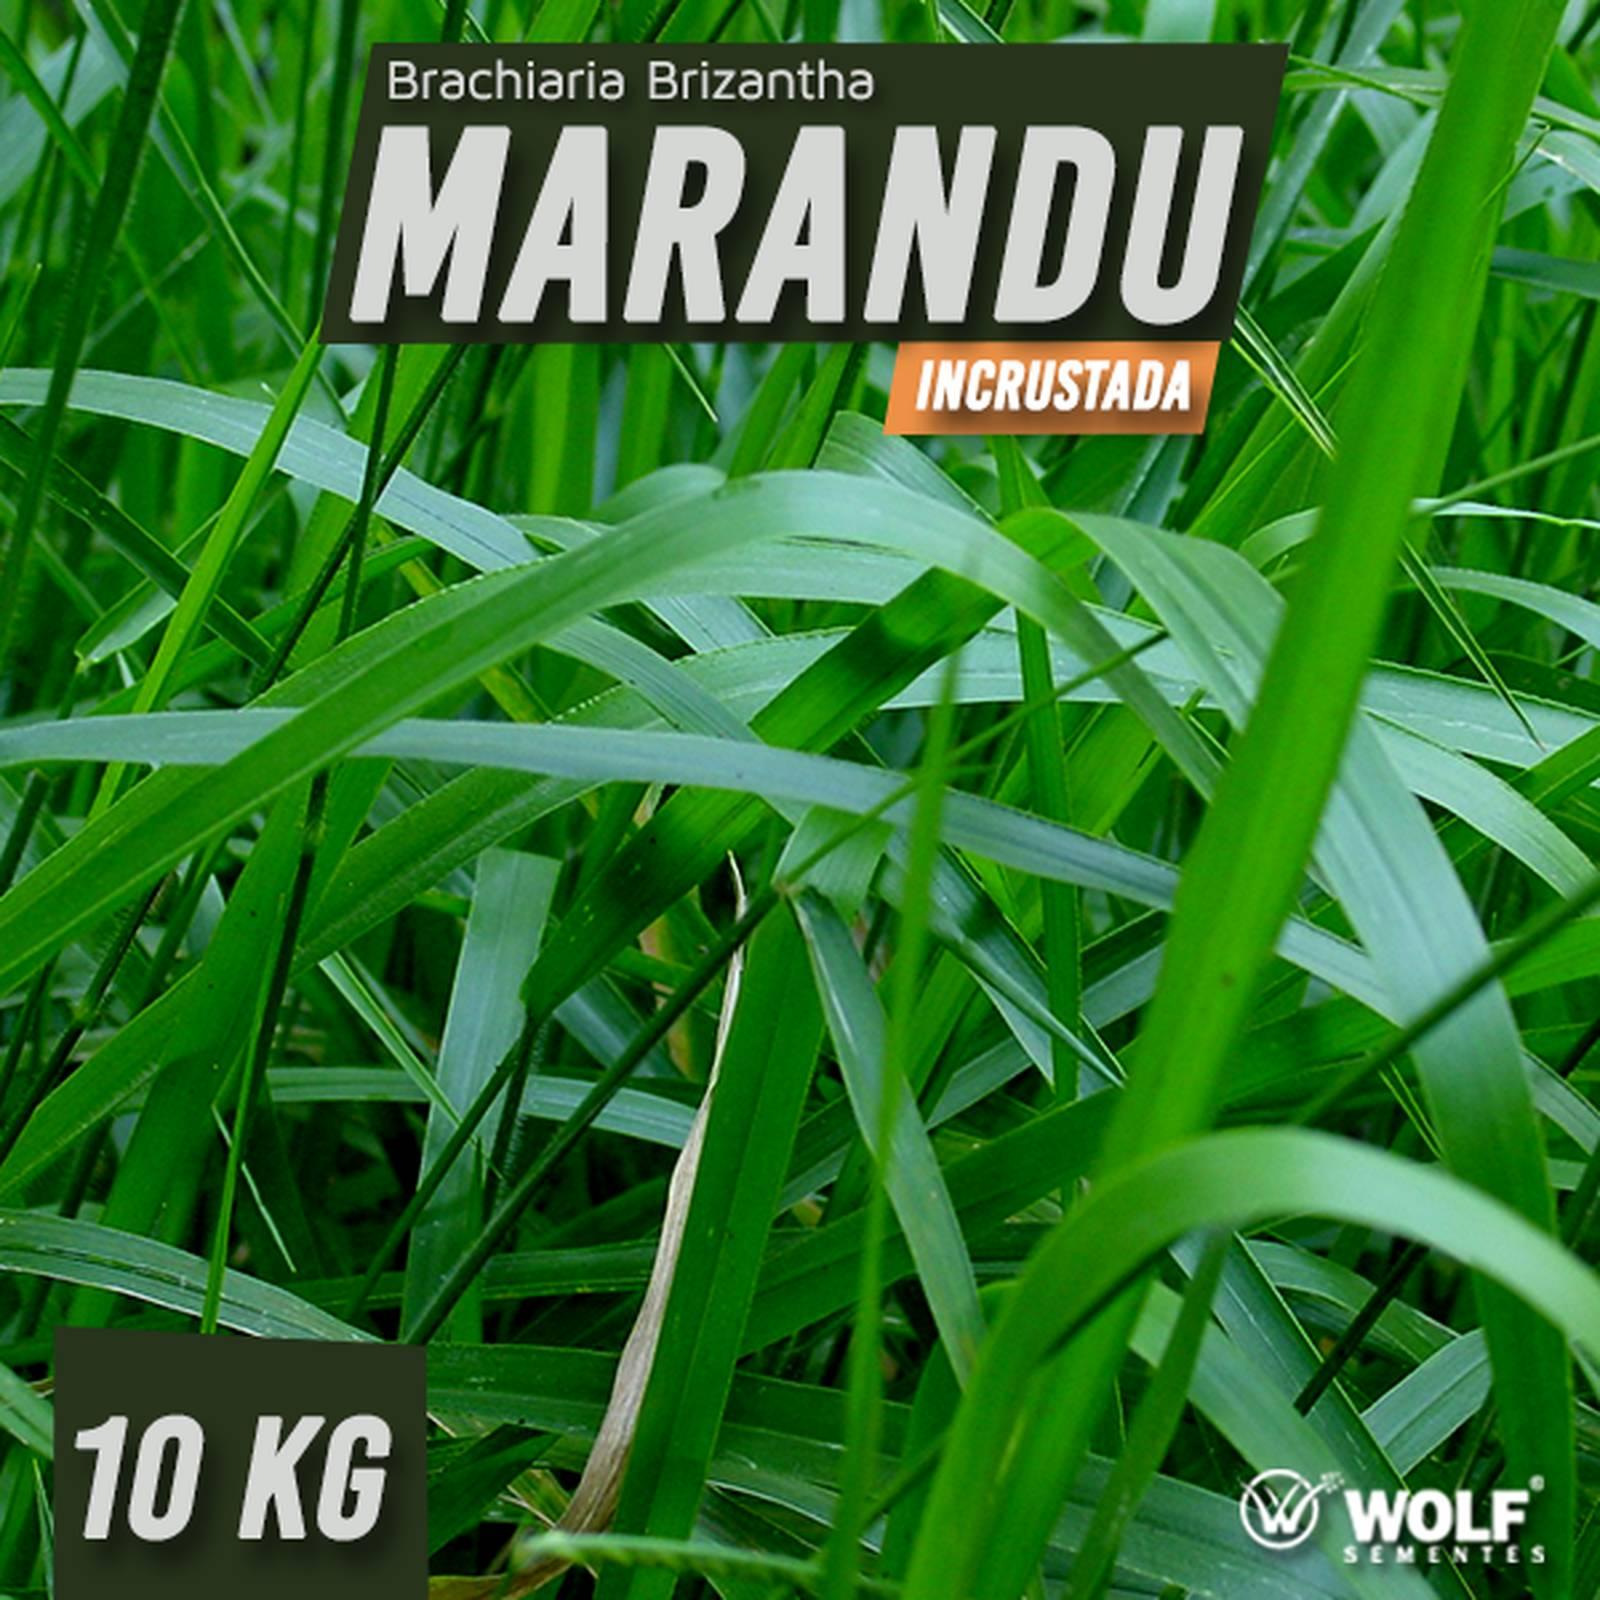 Combo 100kg Brachiaria Brizantha Marandu Incrustada + 20L Fertilizante Foliar Pastotal Nitro+